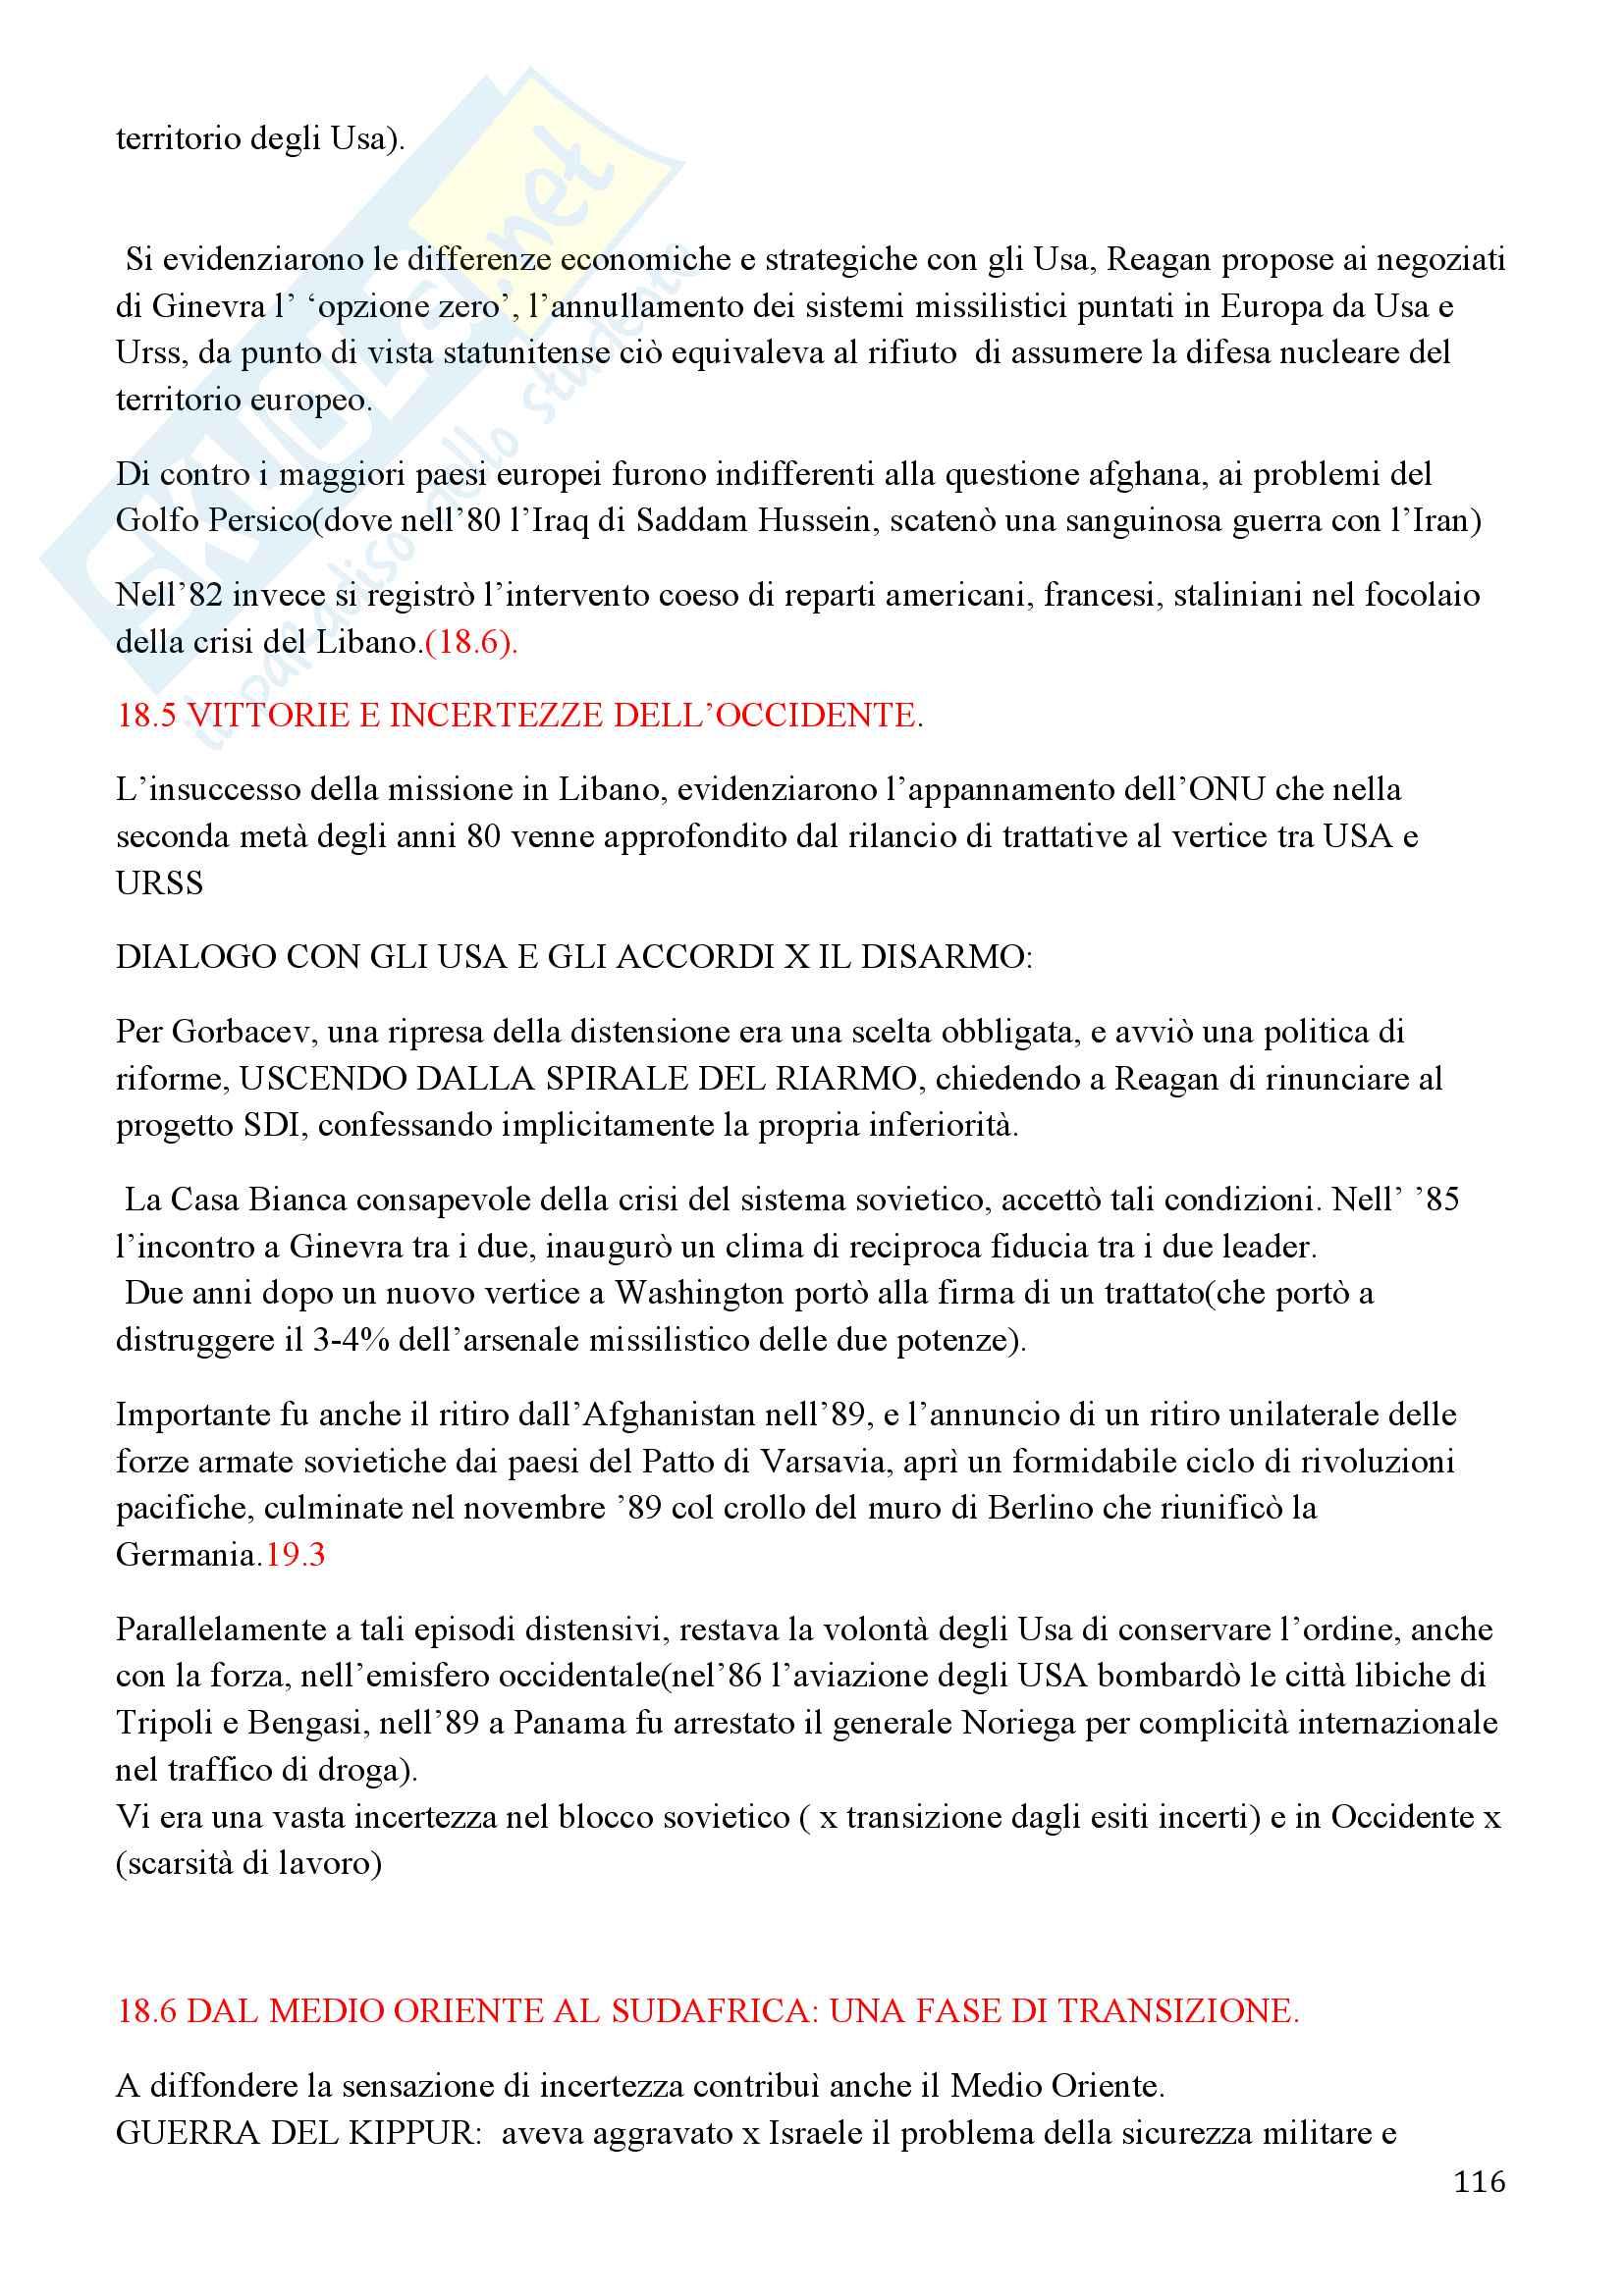 Storia Contemporanea, Detti, Gozzini il Novecento - Riassunto Pag. 116